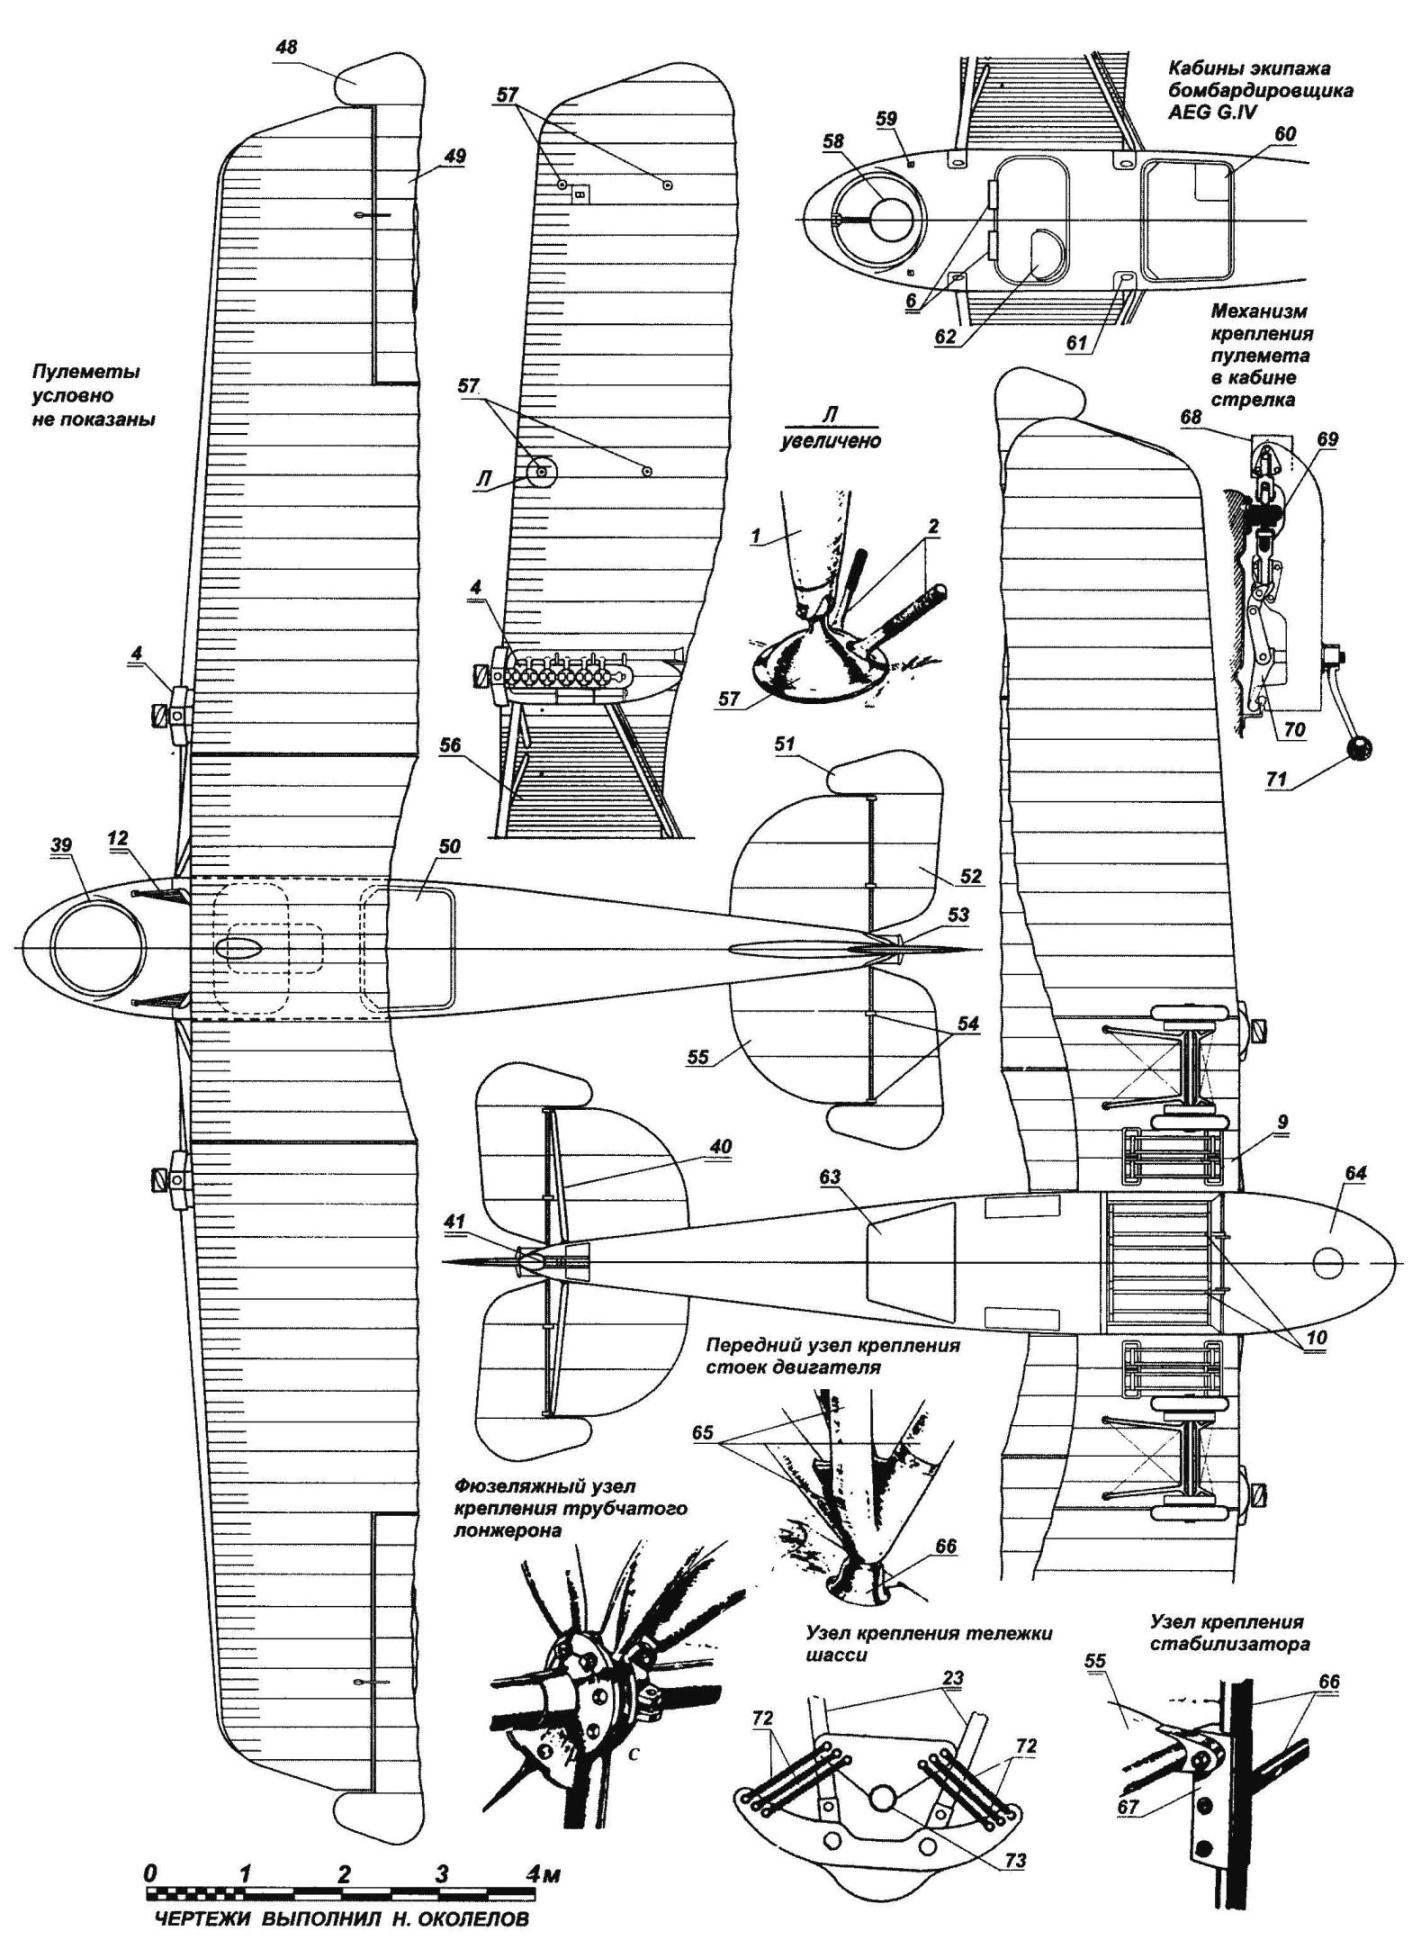 Бомбардировщик AEG G.IV